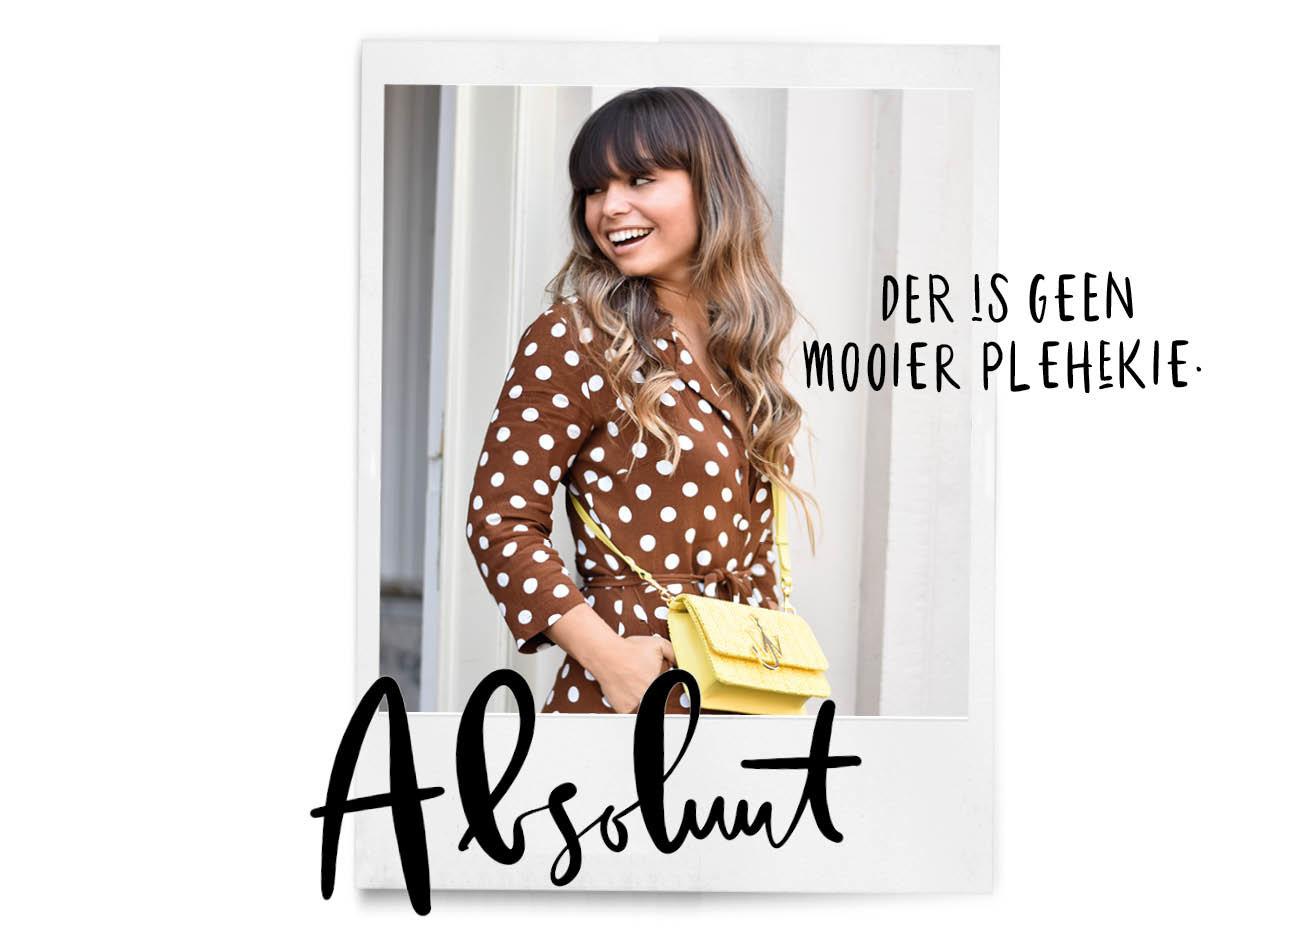 Kiki lachend met een gele tas en bruin pak met stippen